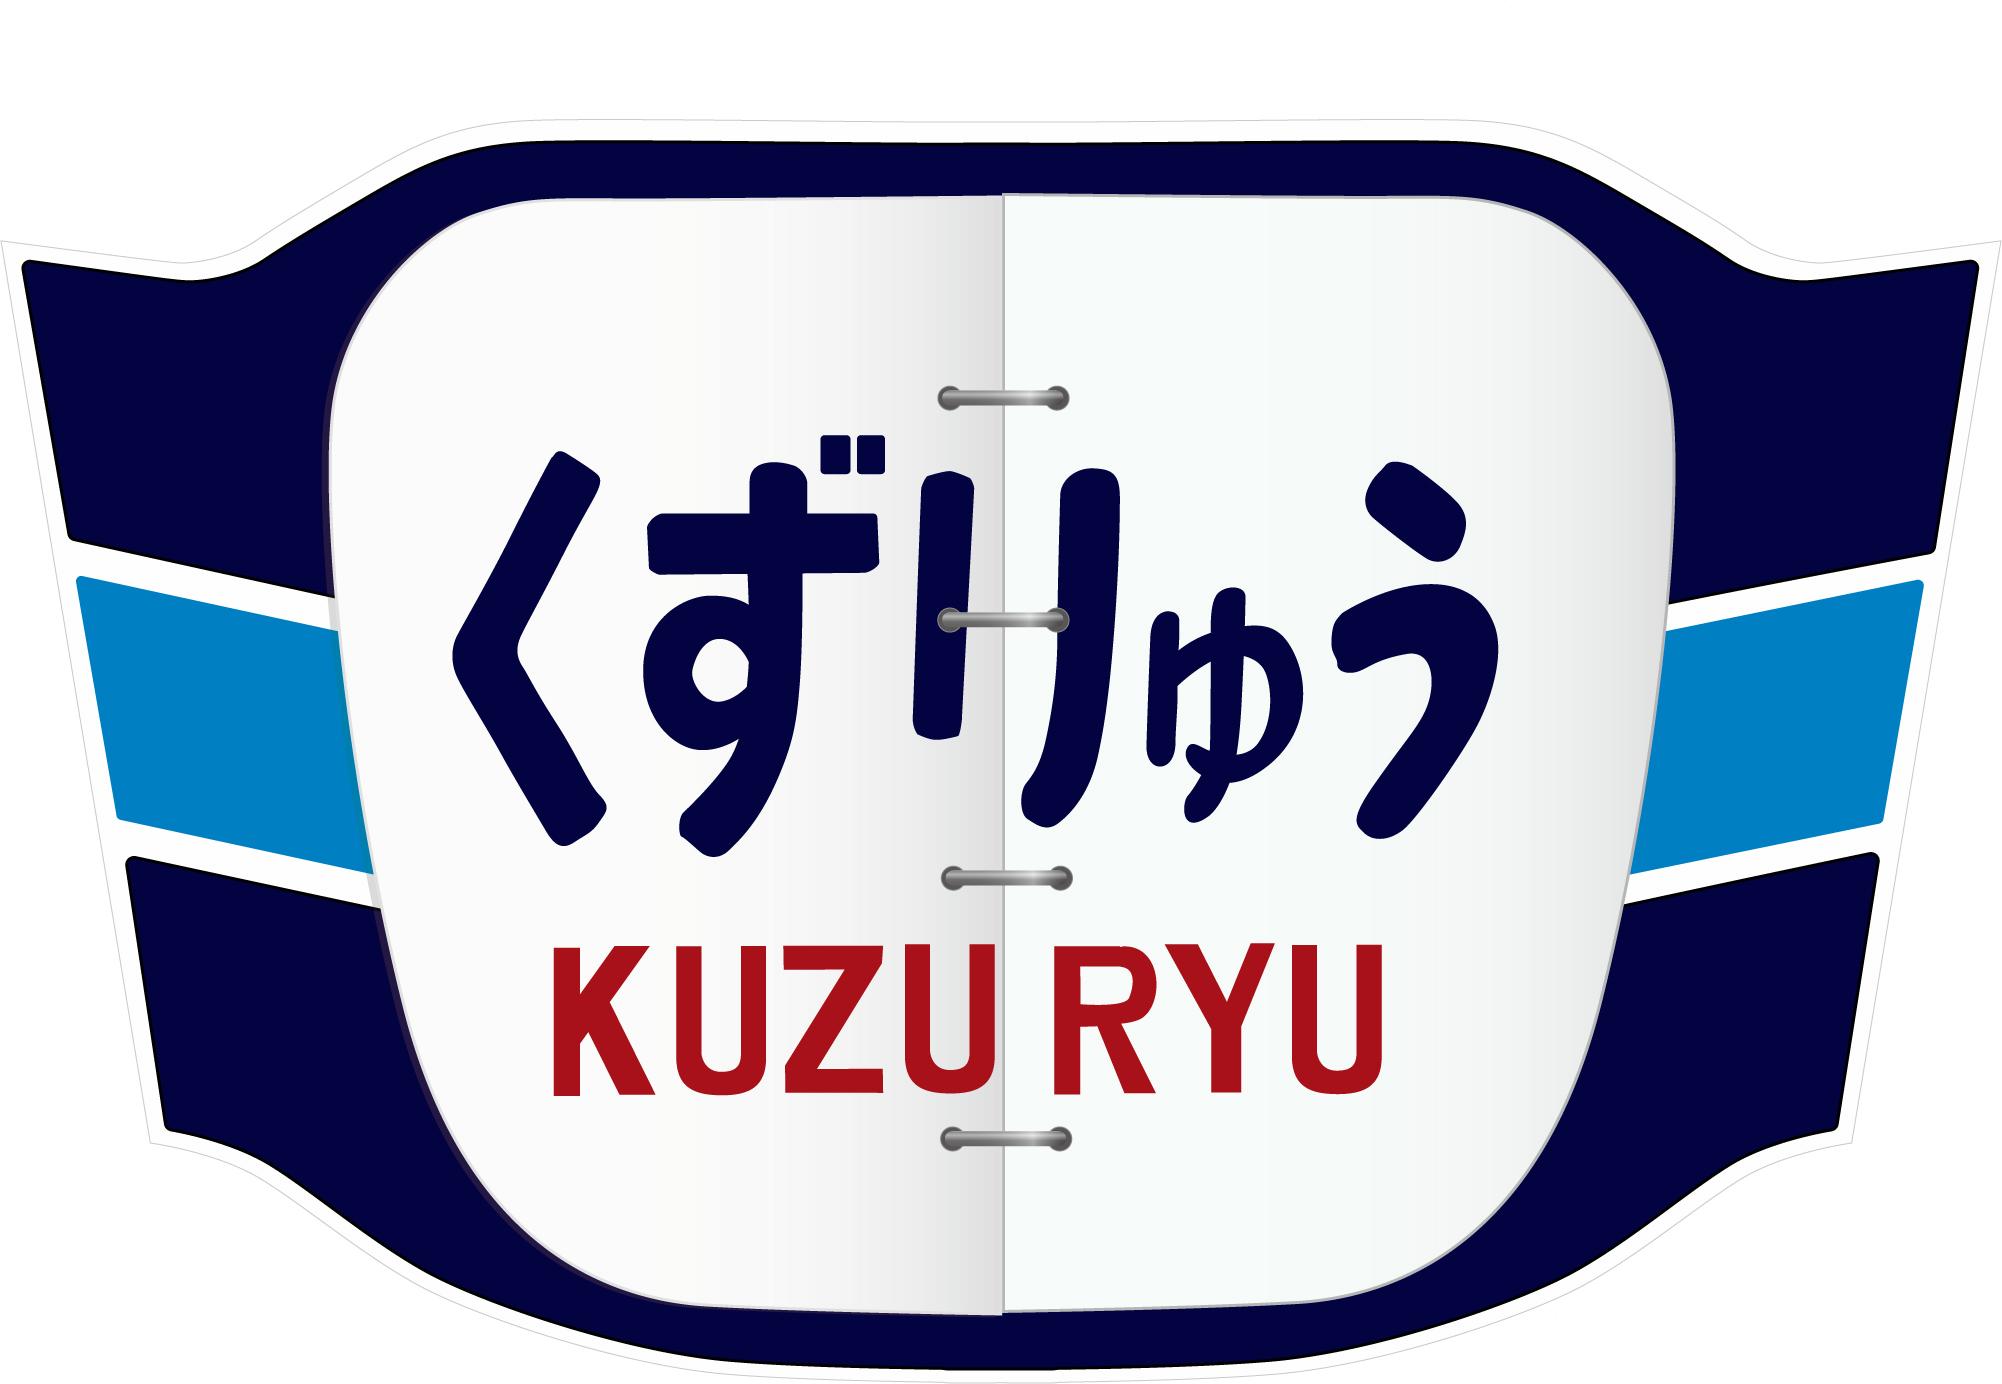 急行くずりゅう号・ヘッドマーク(小型)